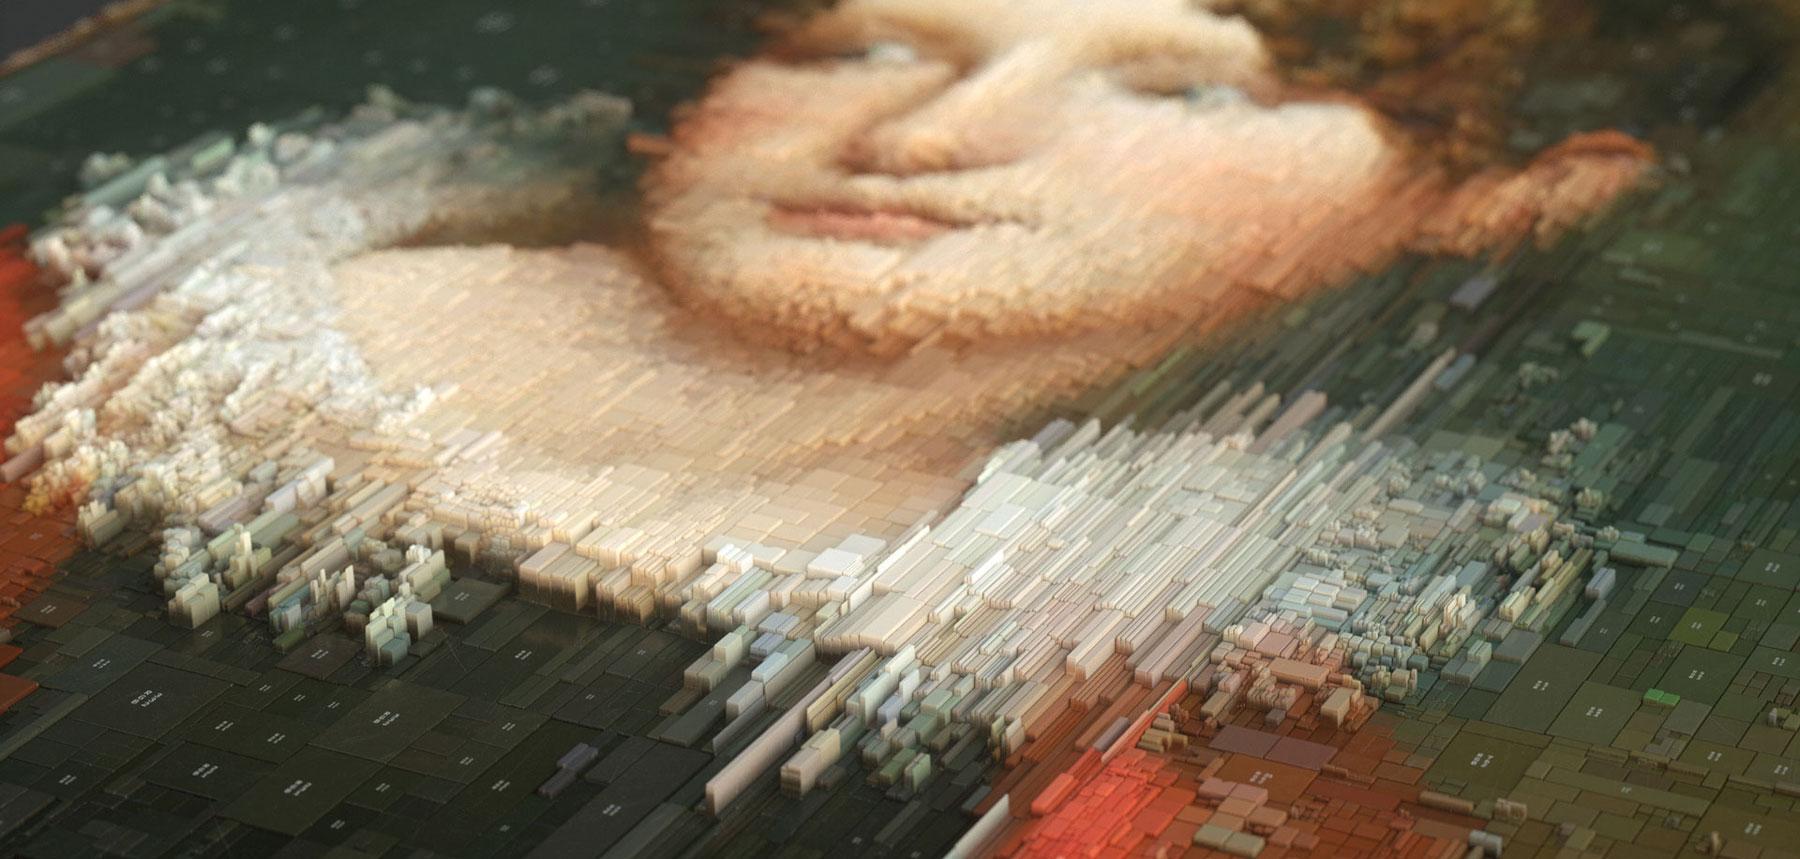 ایجاد الگوهای هندسی تصادفی بر آثار هنری کلاسیک